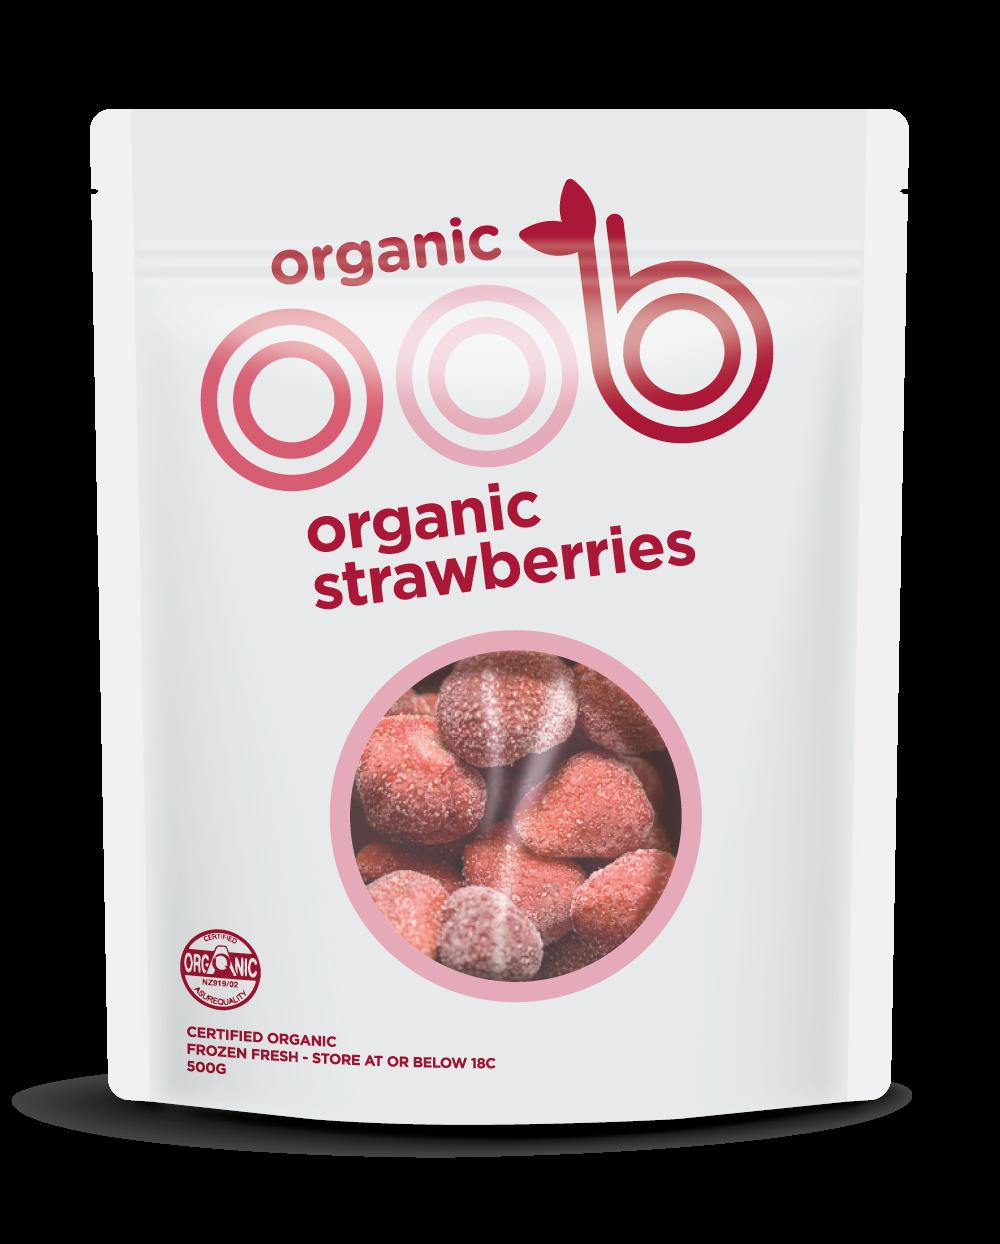 33845-OOB-Single-Fruit-Range-Strawberries-Mockup.png